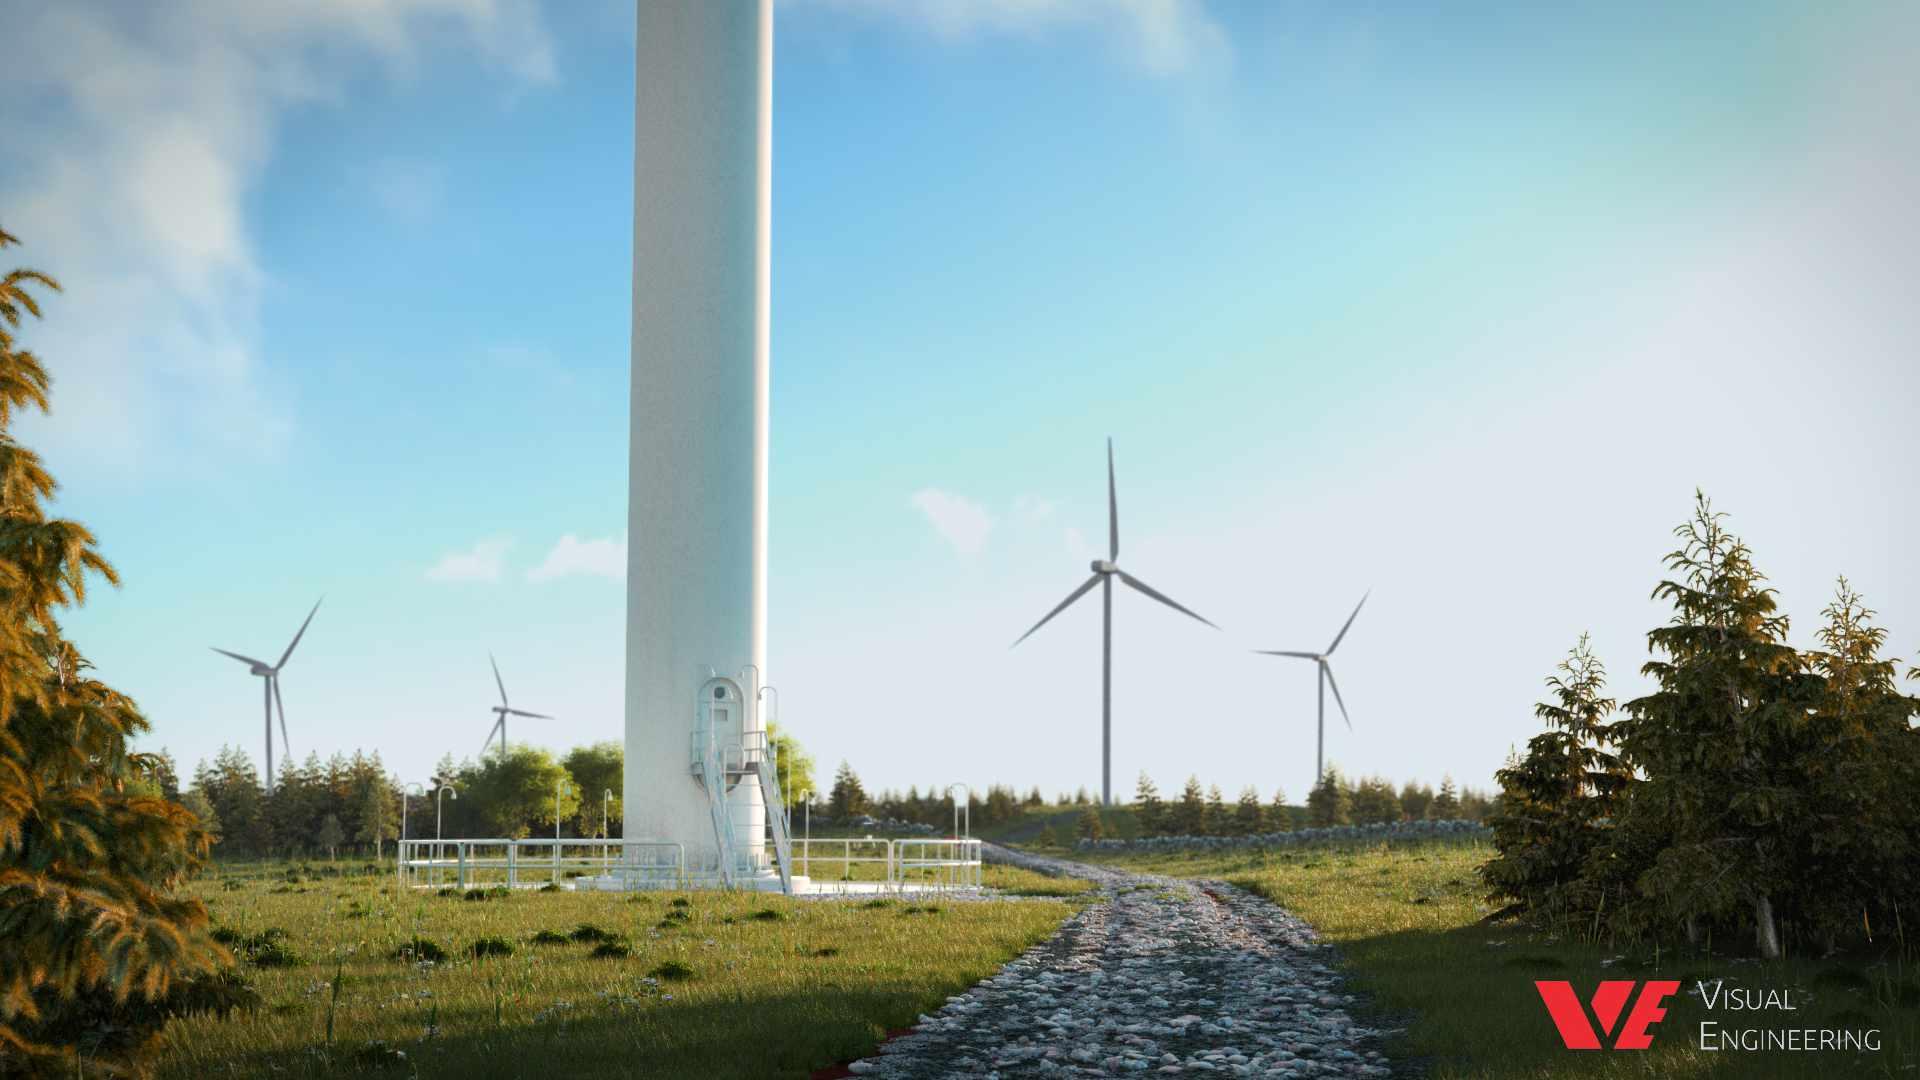 Windmill-New Visualization